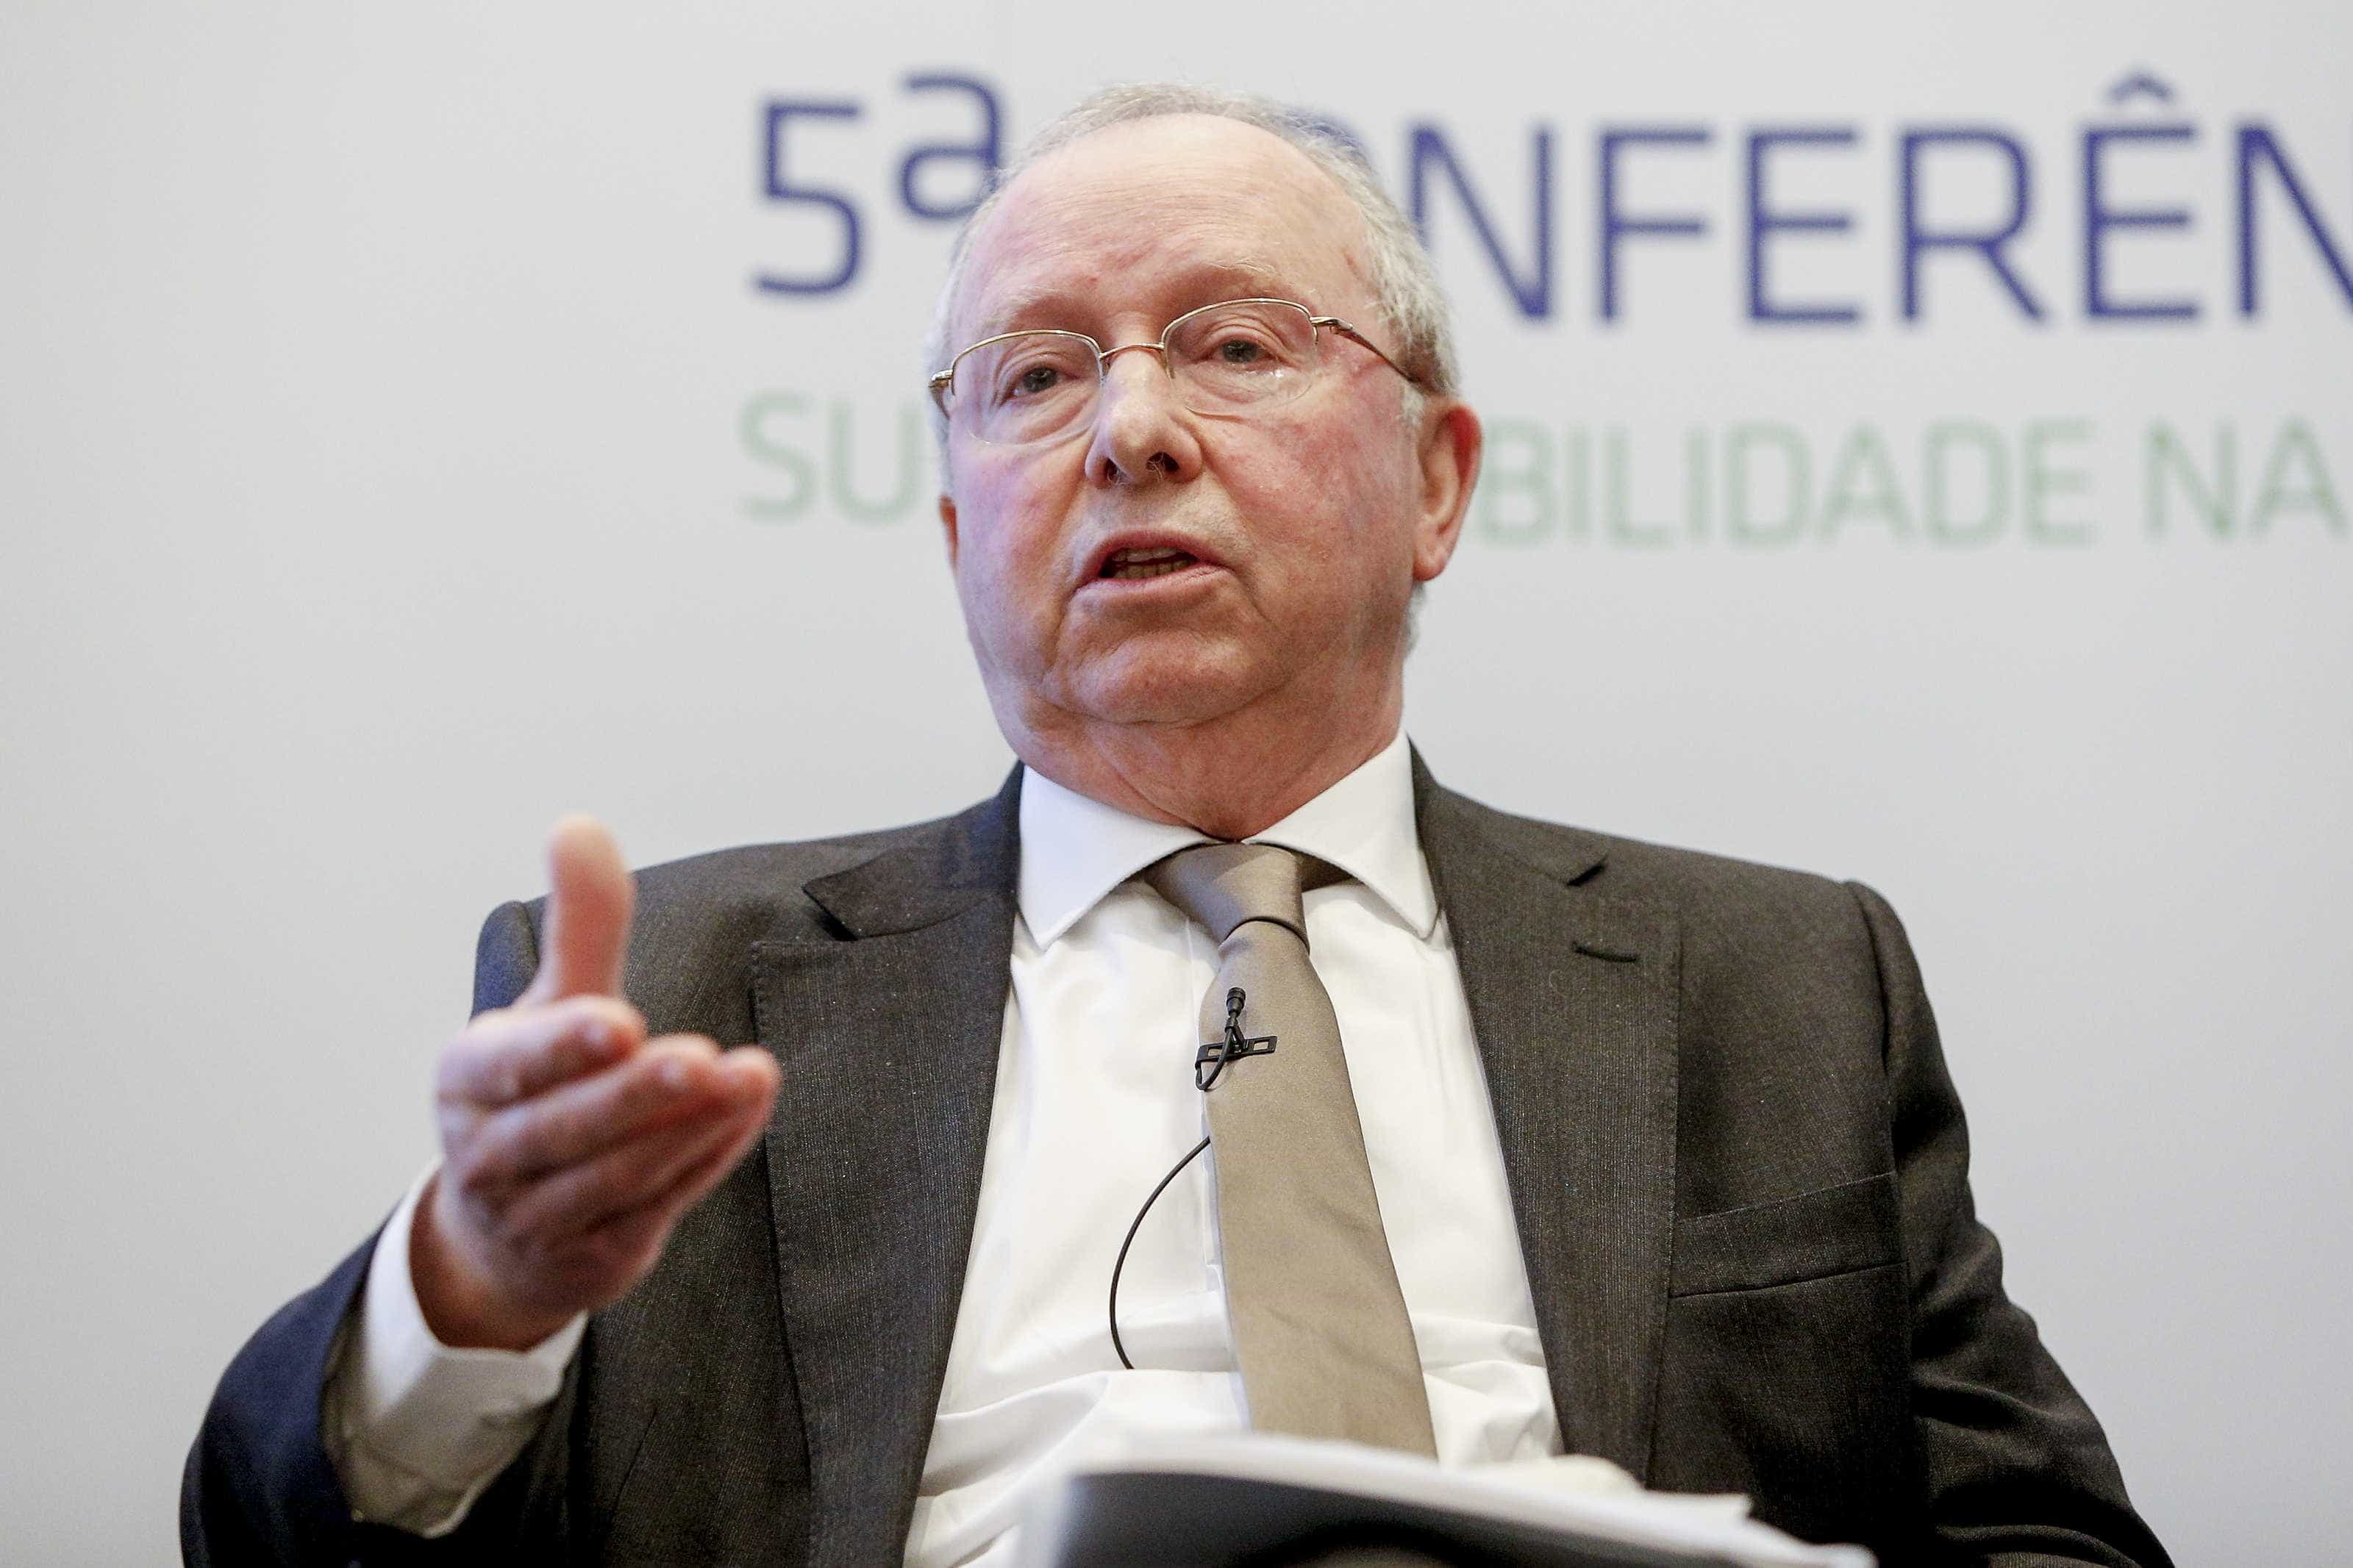 Correia de Campos: SNS corre o risco de se transformar numa caricatura